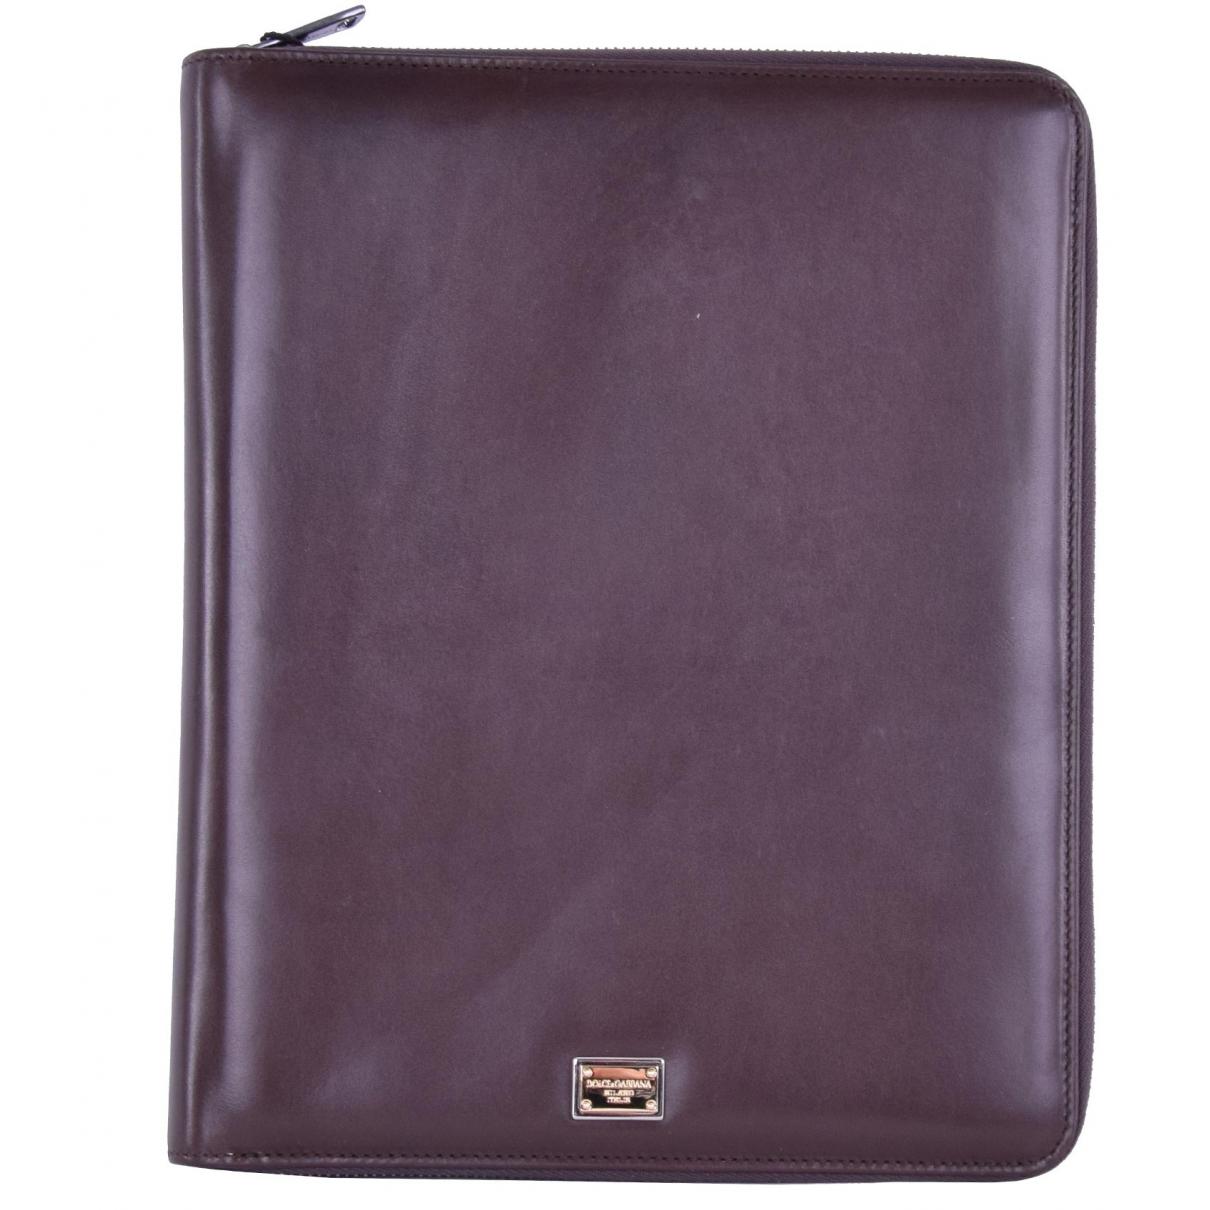 Dolce & Gabbana - Petite maroquinerie   pour femme en cuir - marron